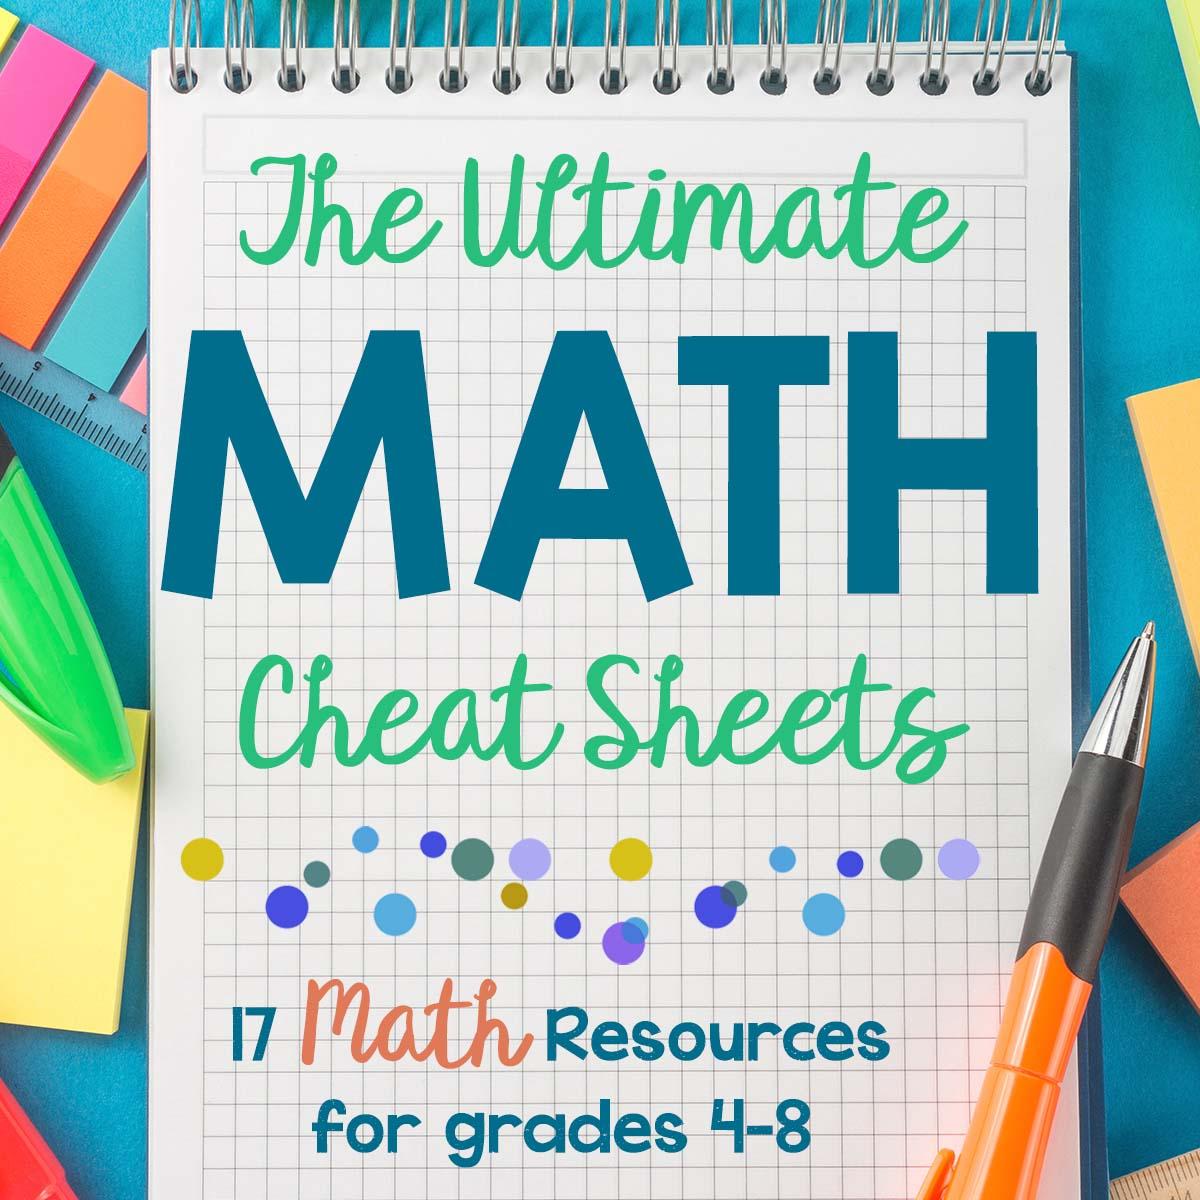 Math Cheat Sheet Free Homeschool Math Resource For Grades 4 8